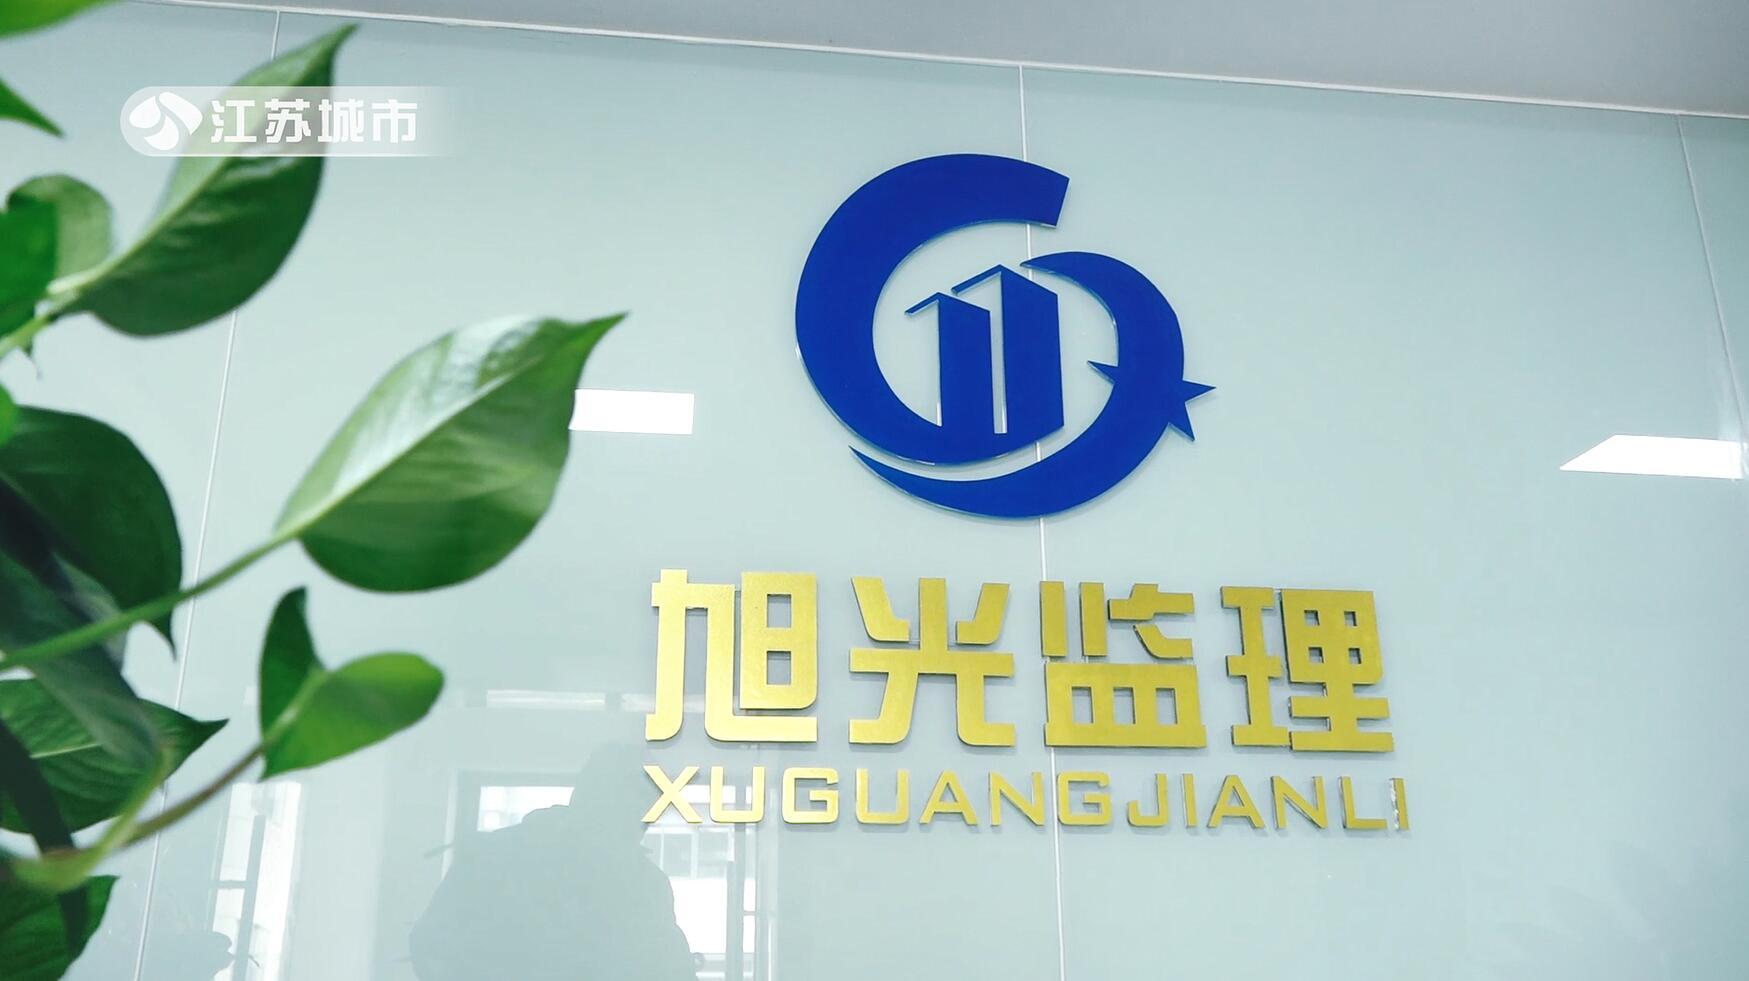 南京旭光建设监理有限公司竭诚为广大建设单位提供优质监理服务